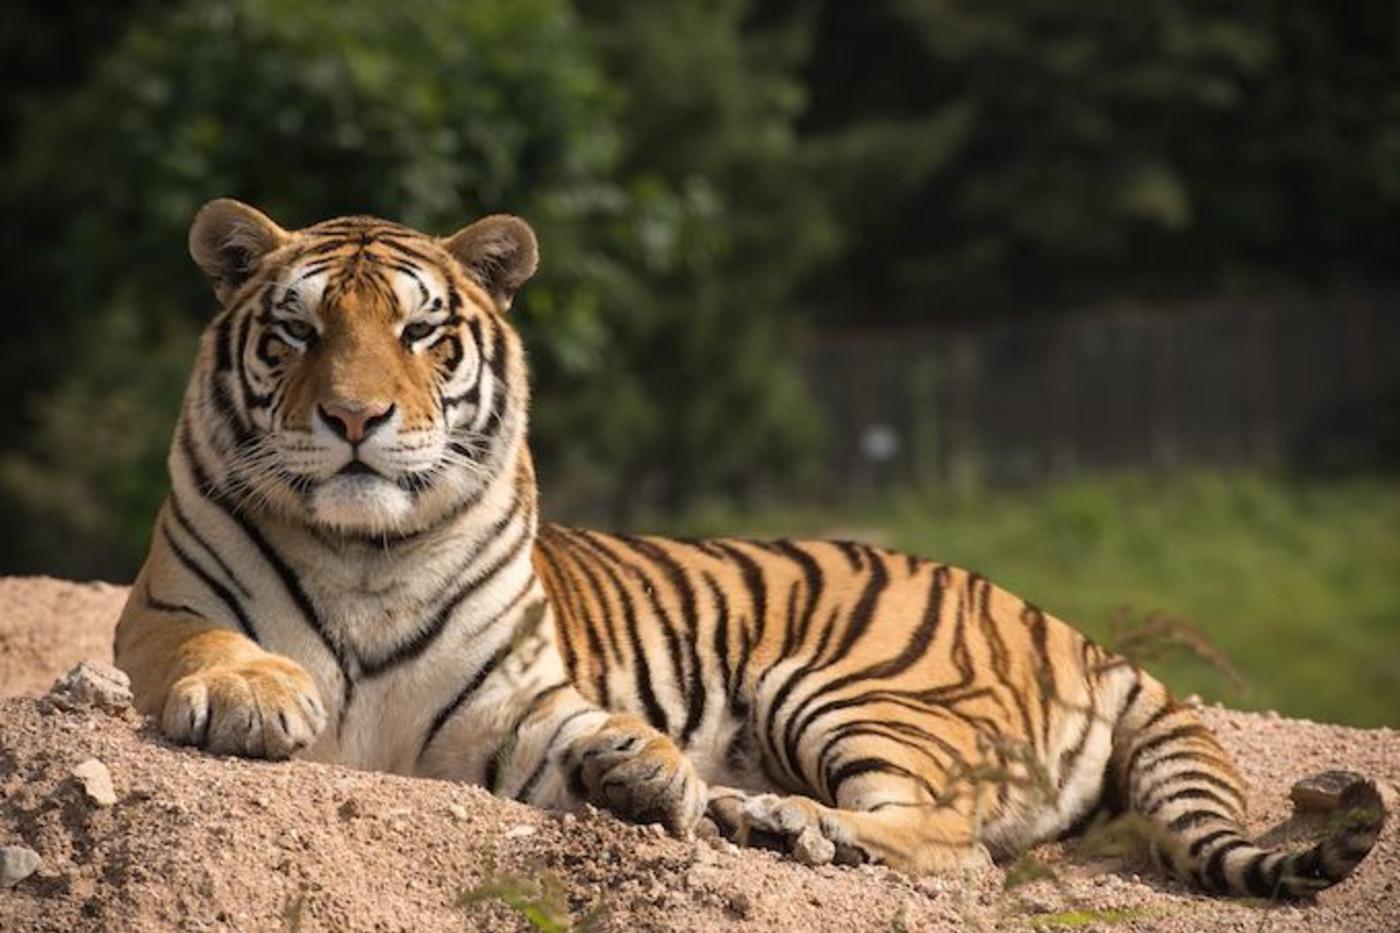 tigers killed